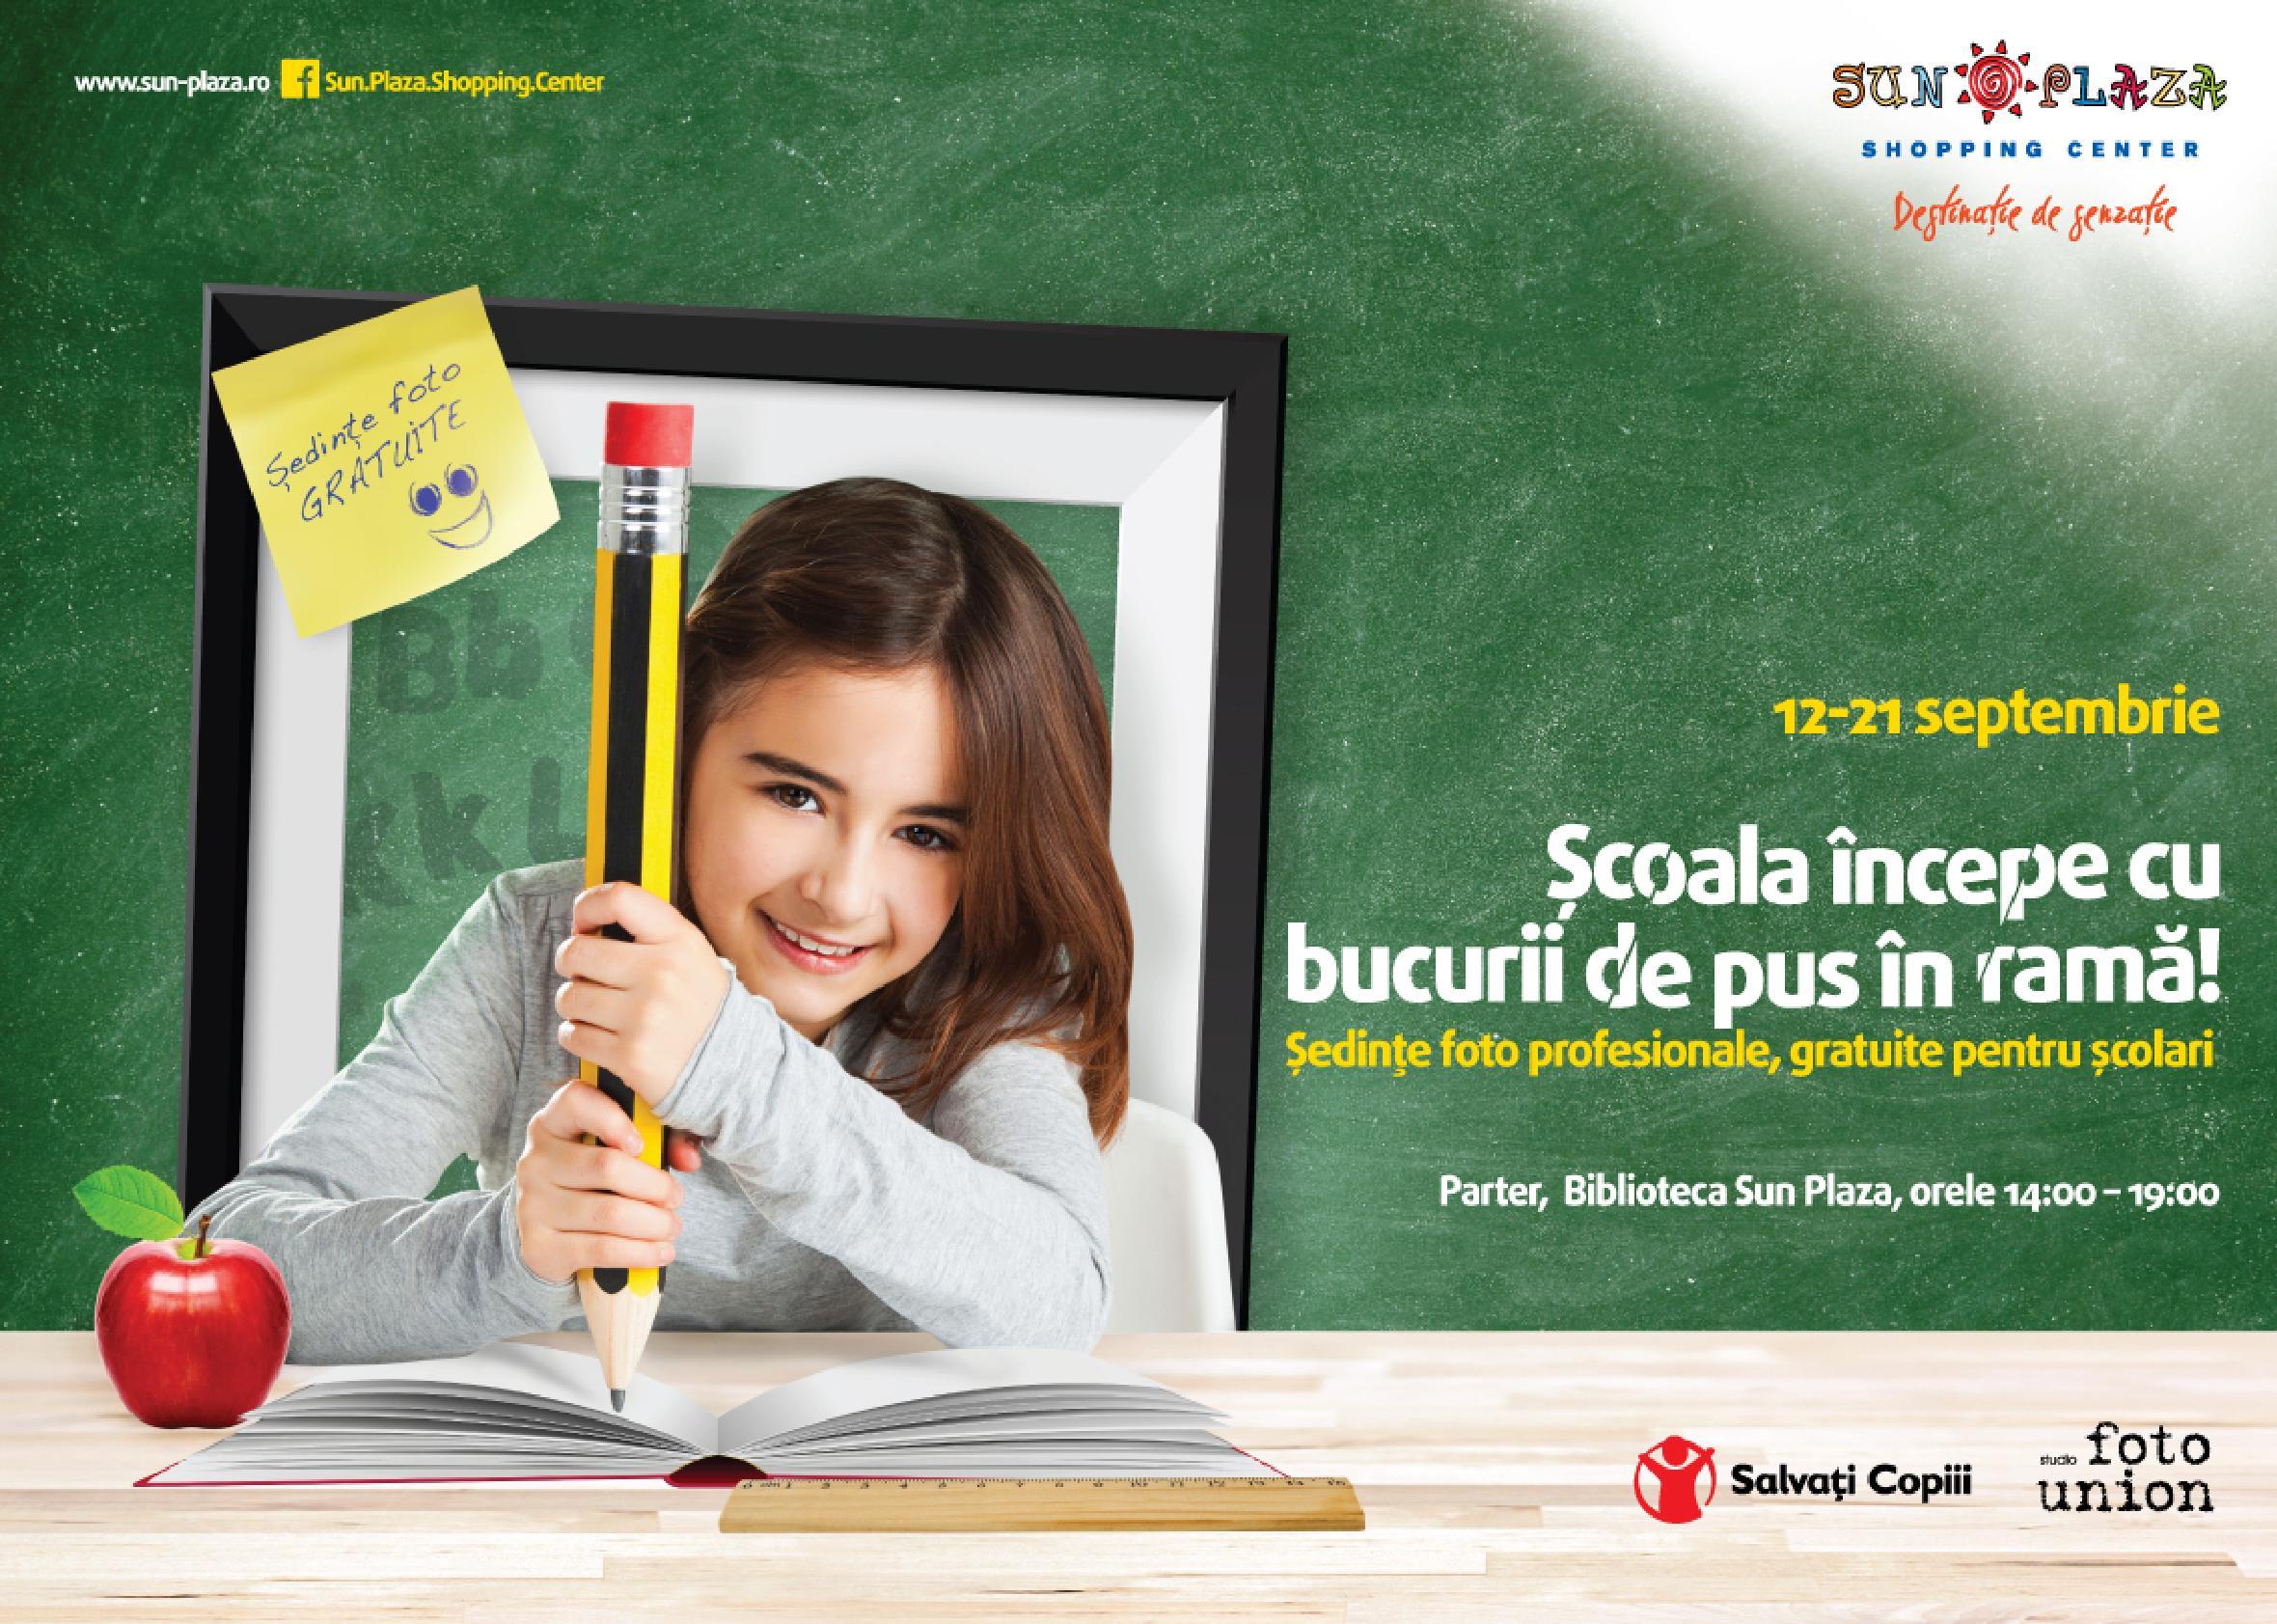 Portret de scolar in Sun Plaza